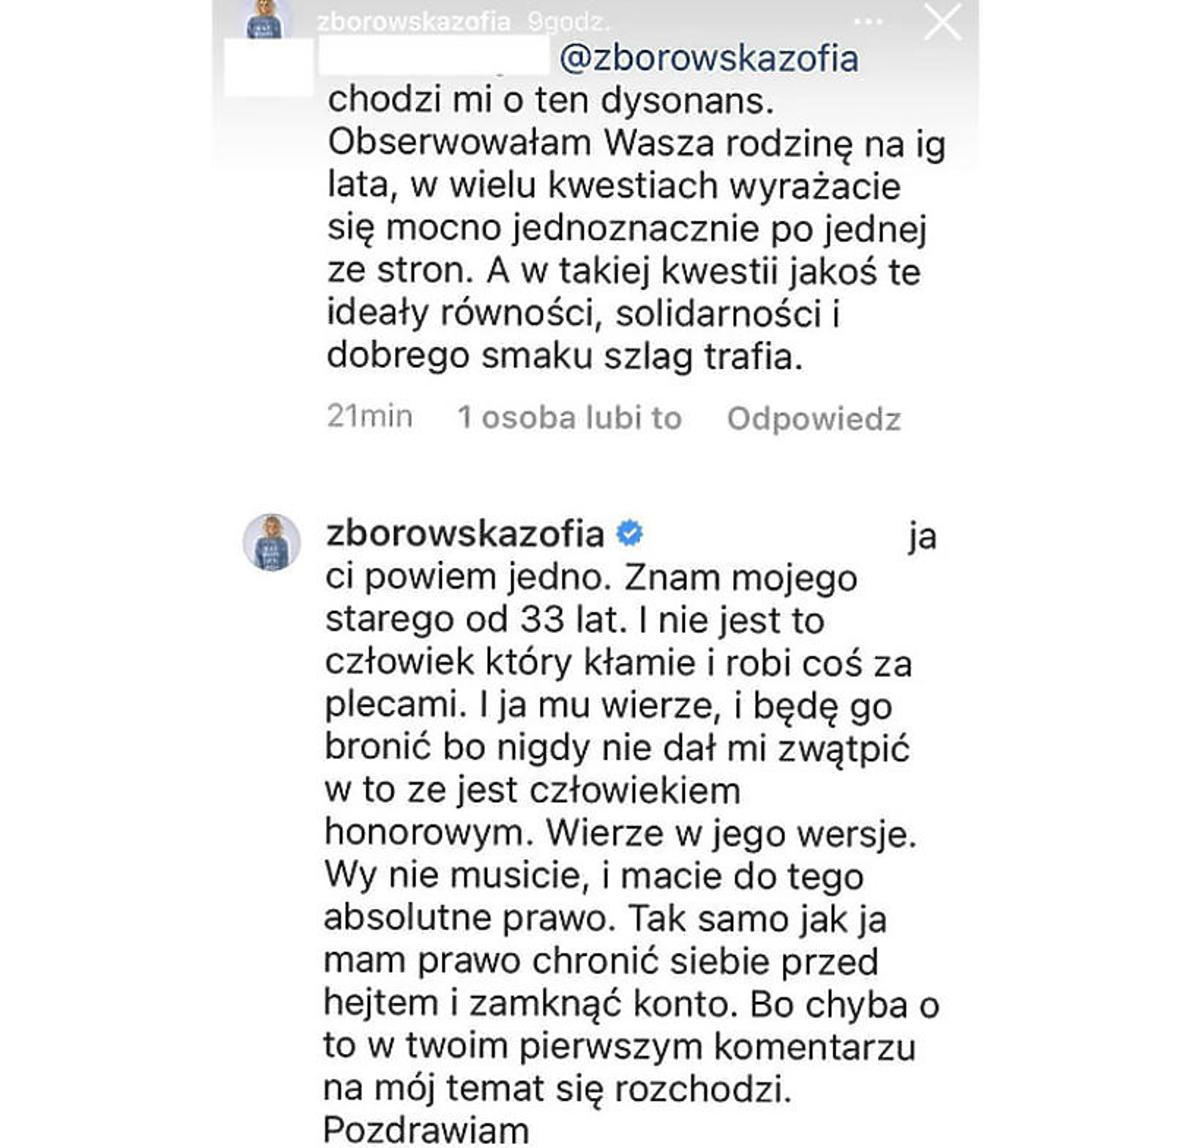 Afera szczepionkowa. Zofia Zborowska stanęła w obronie ojca